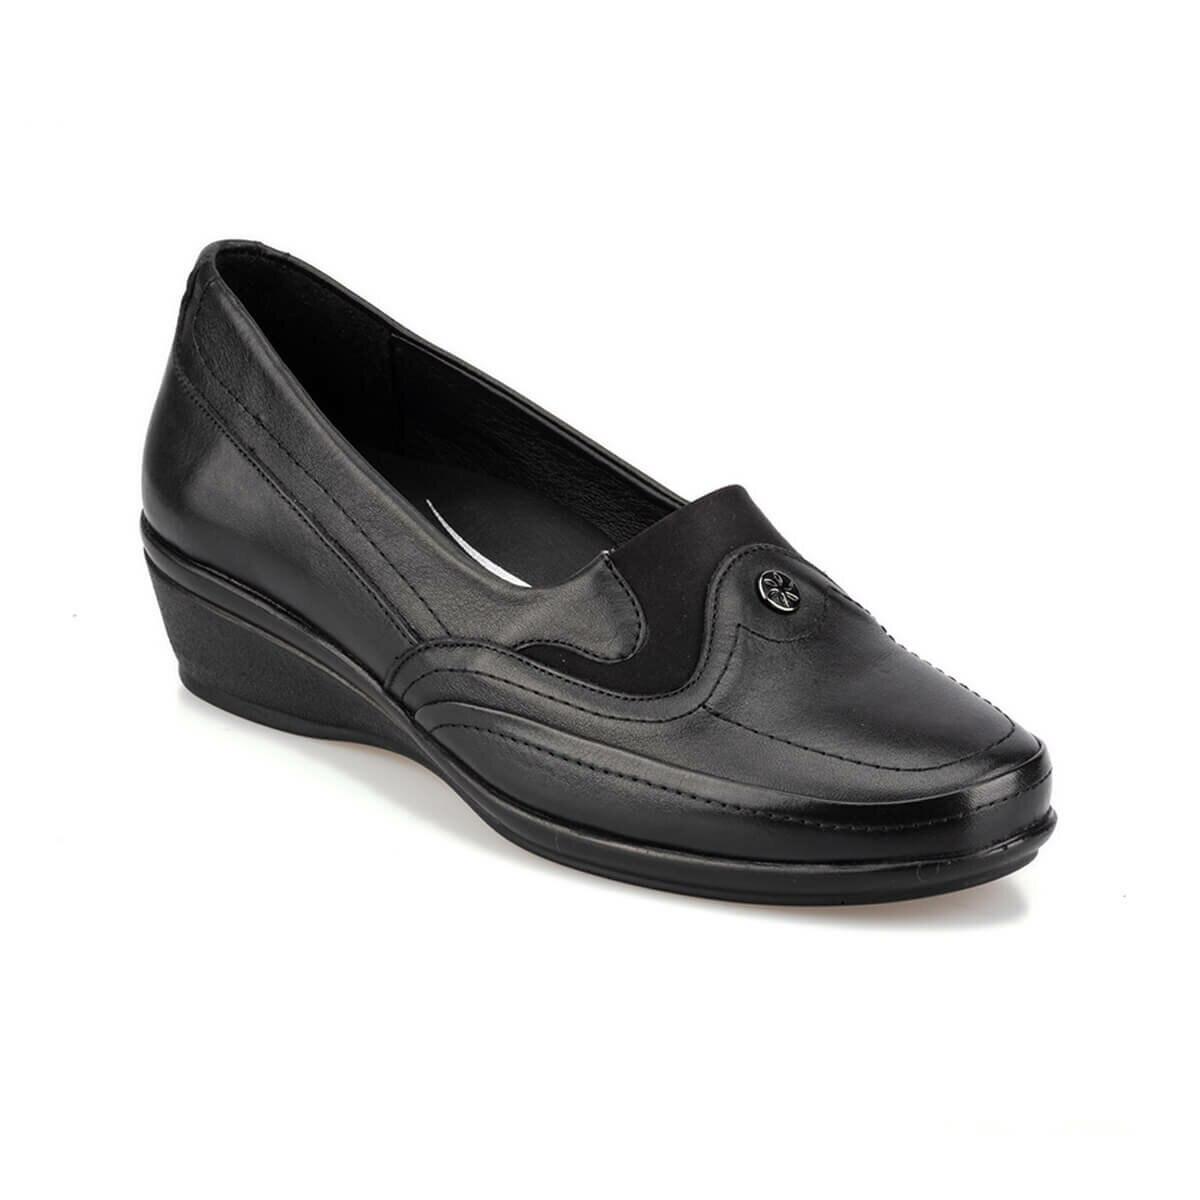 FLO 92.101026.Z Black Women 'S Wedges Shoes Polaris 5 Point